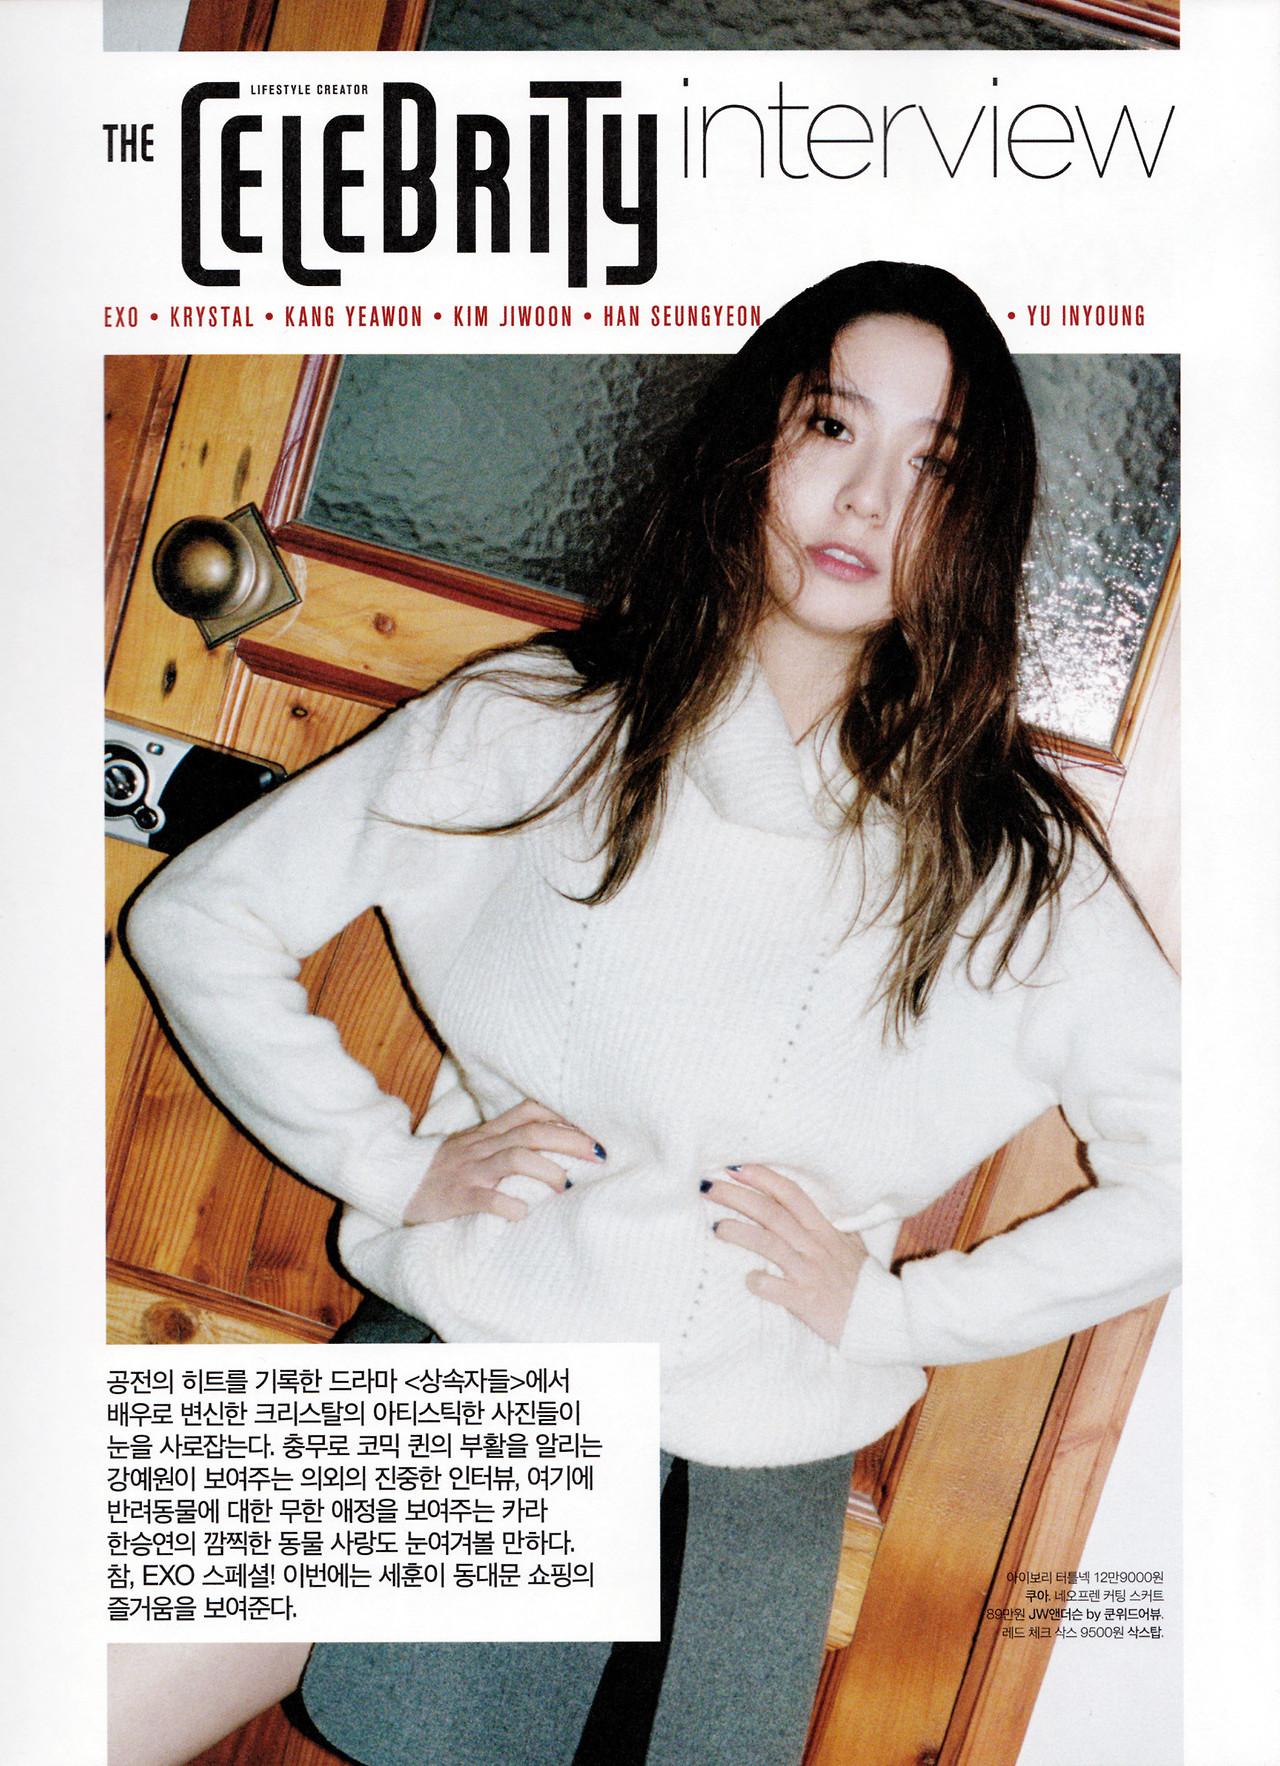 thecelebrity feb 2014_krystal 7